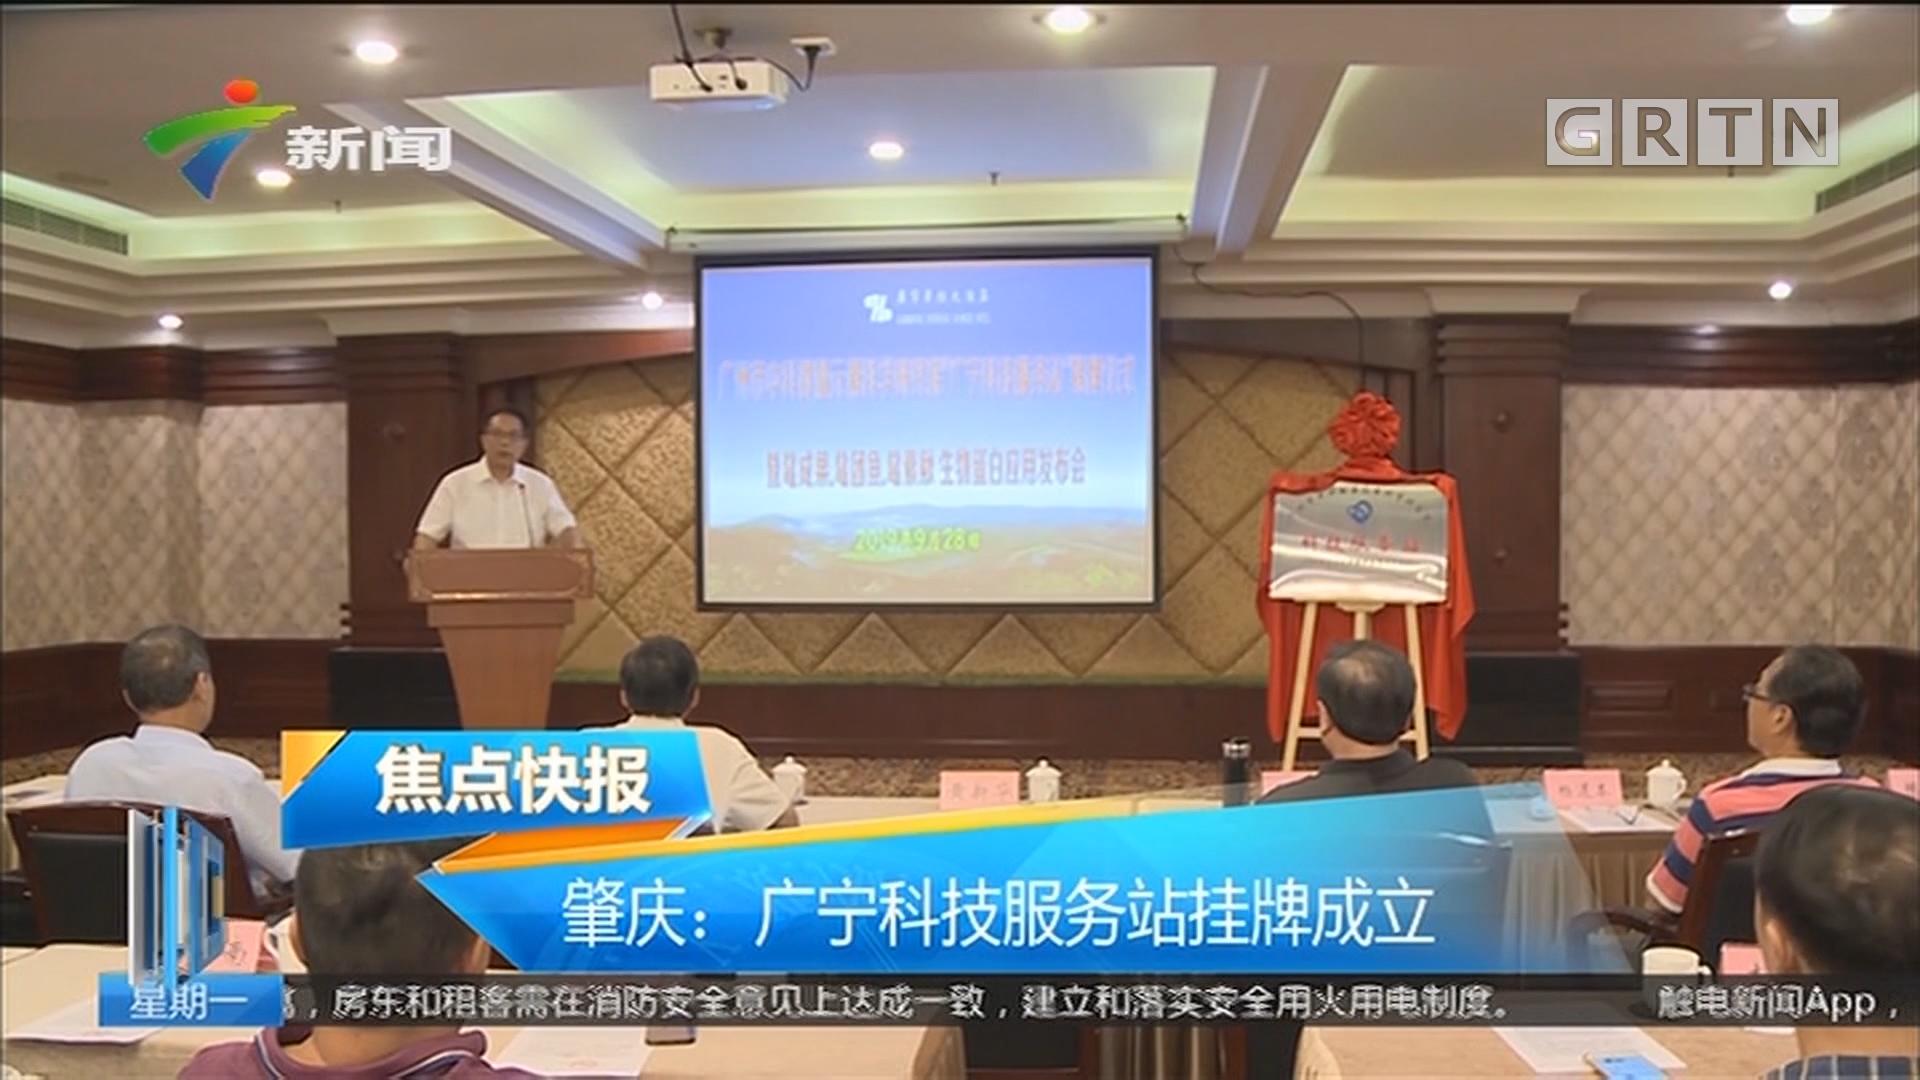 肇庆:广宁科技服务站挂牌成立